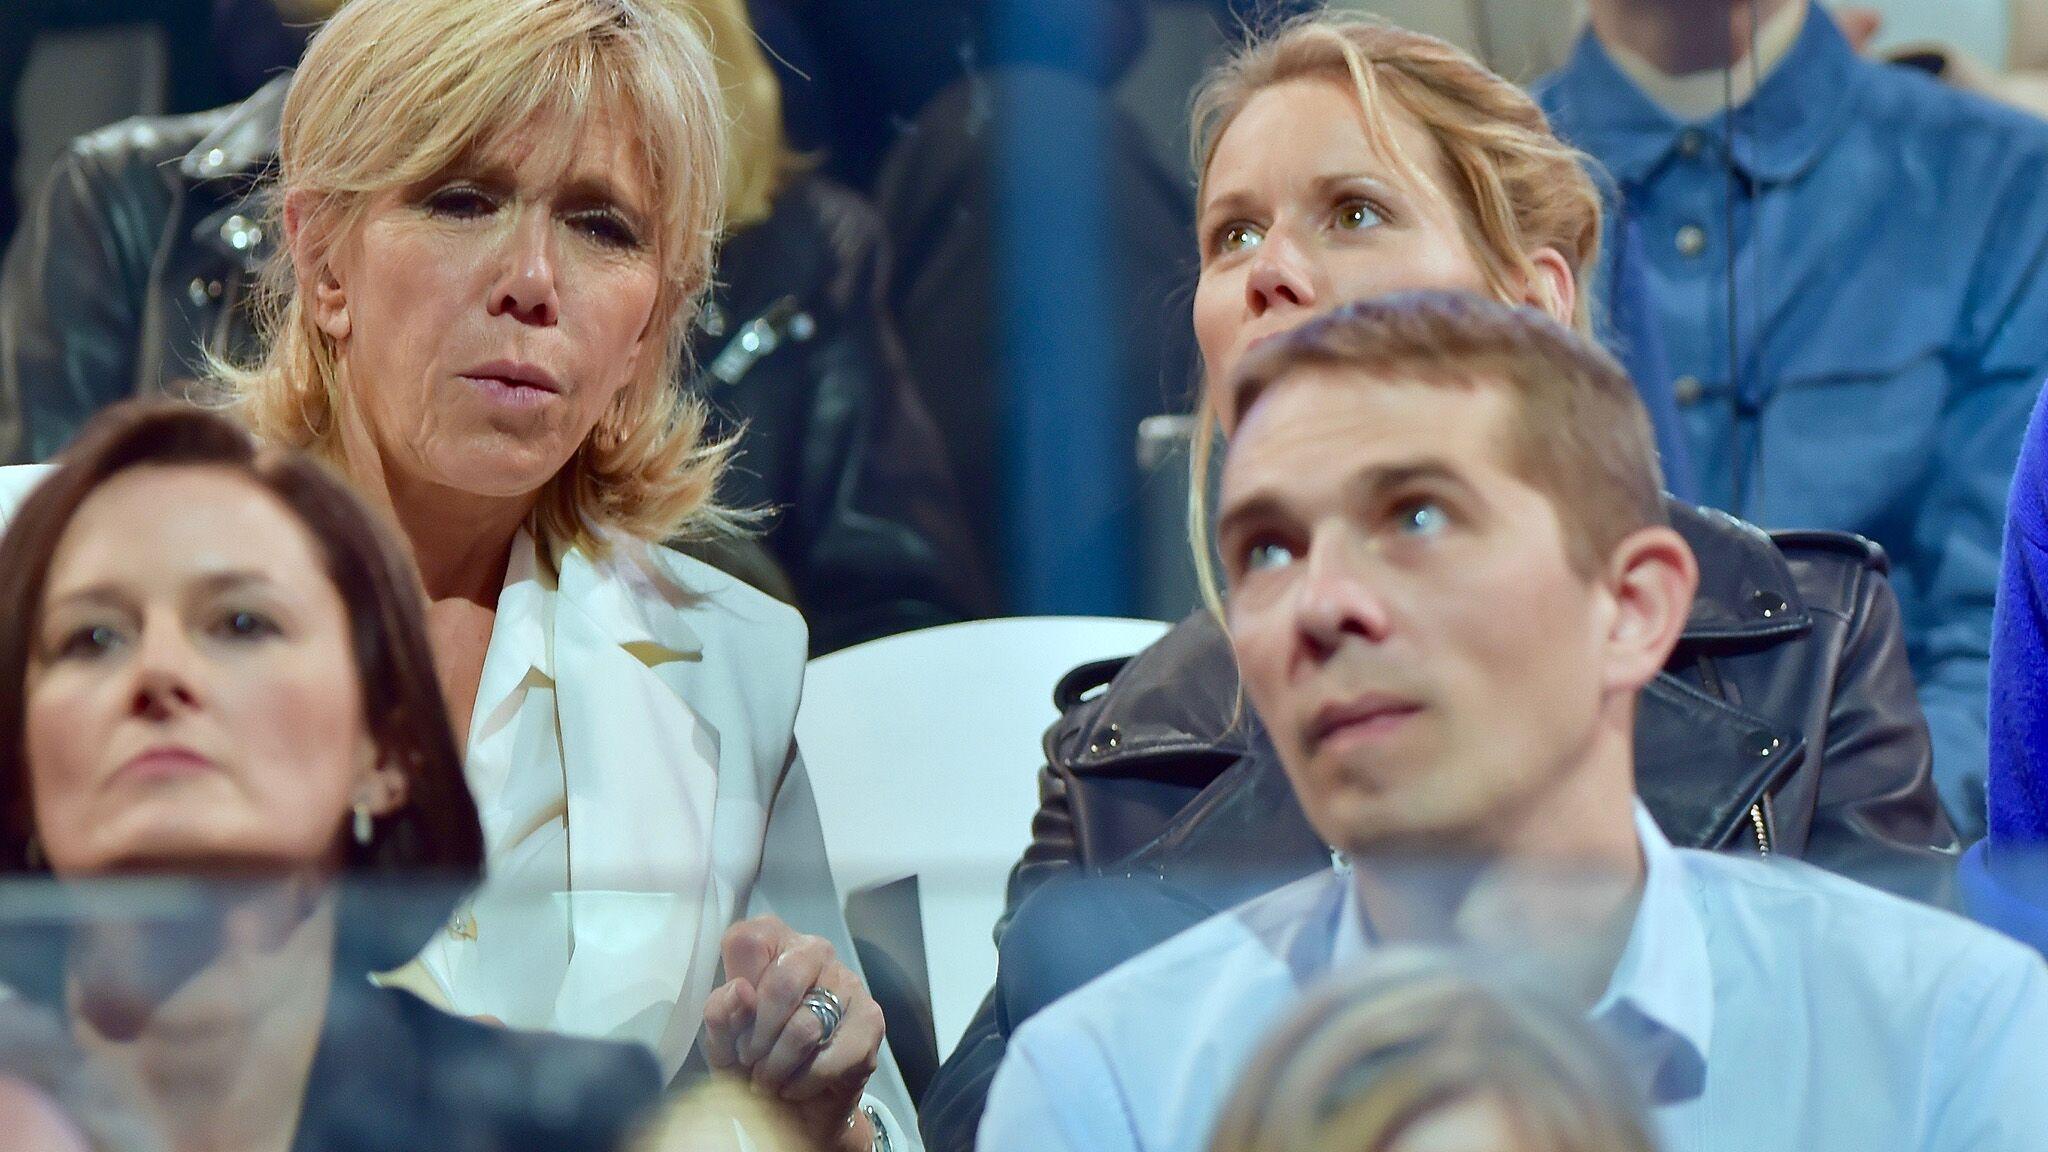 Qui est Sébastien Auzière, le fils aîné de Brigitte Macron